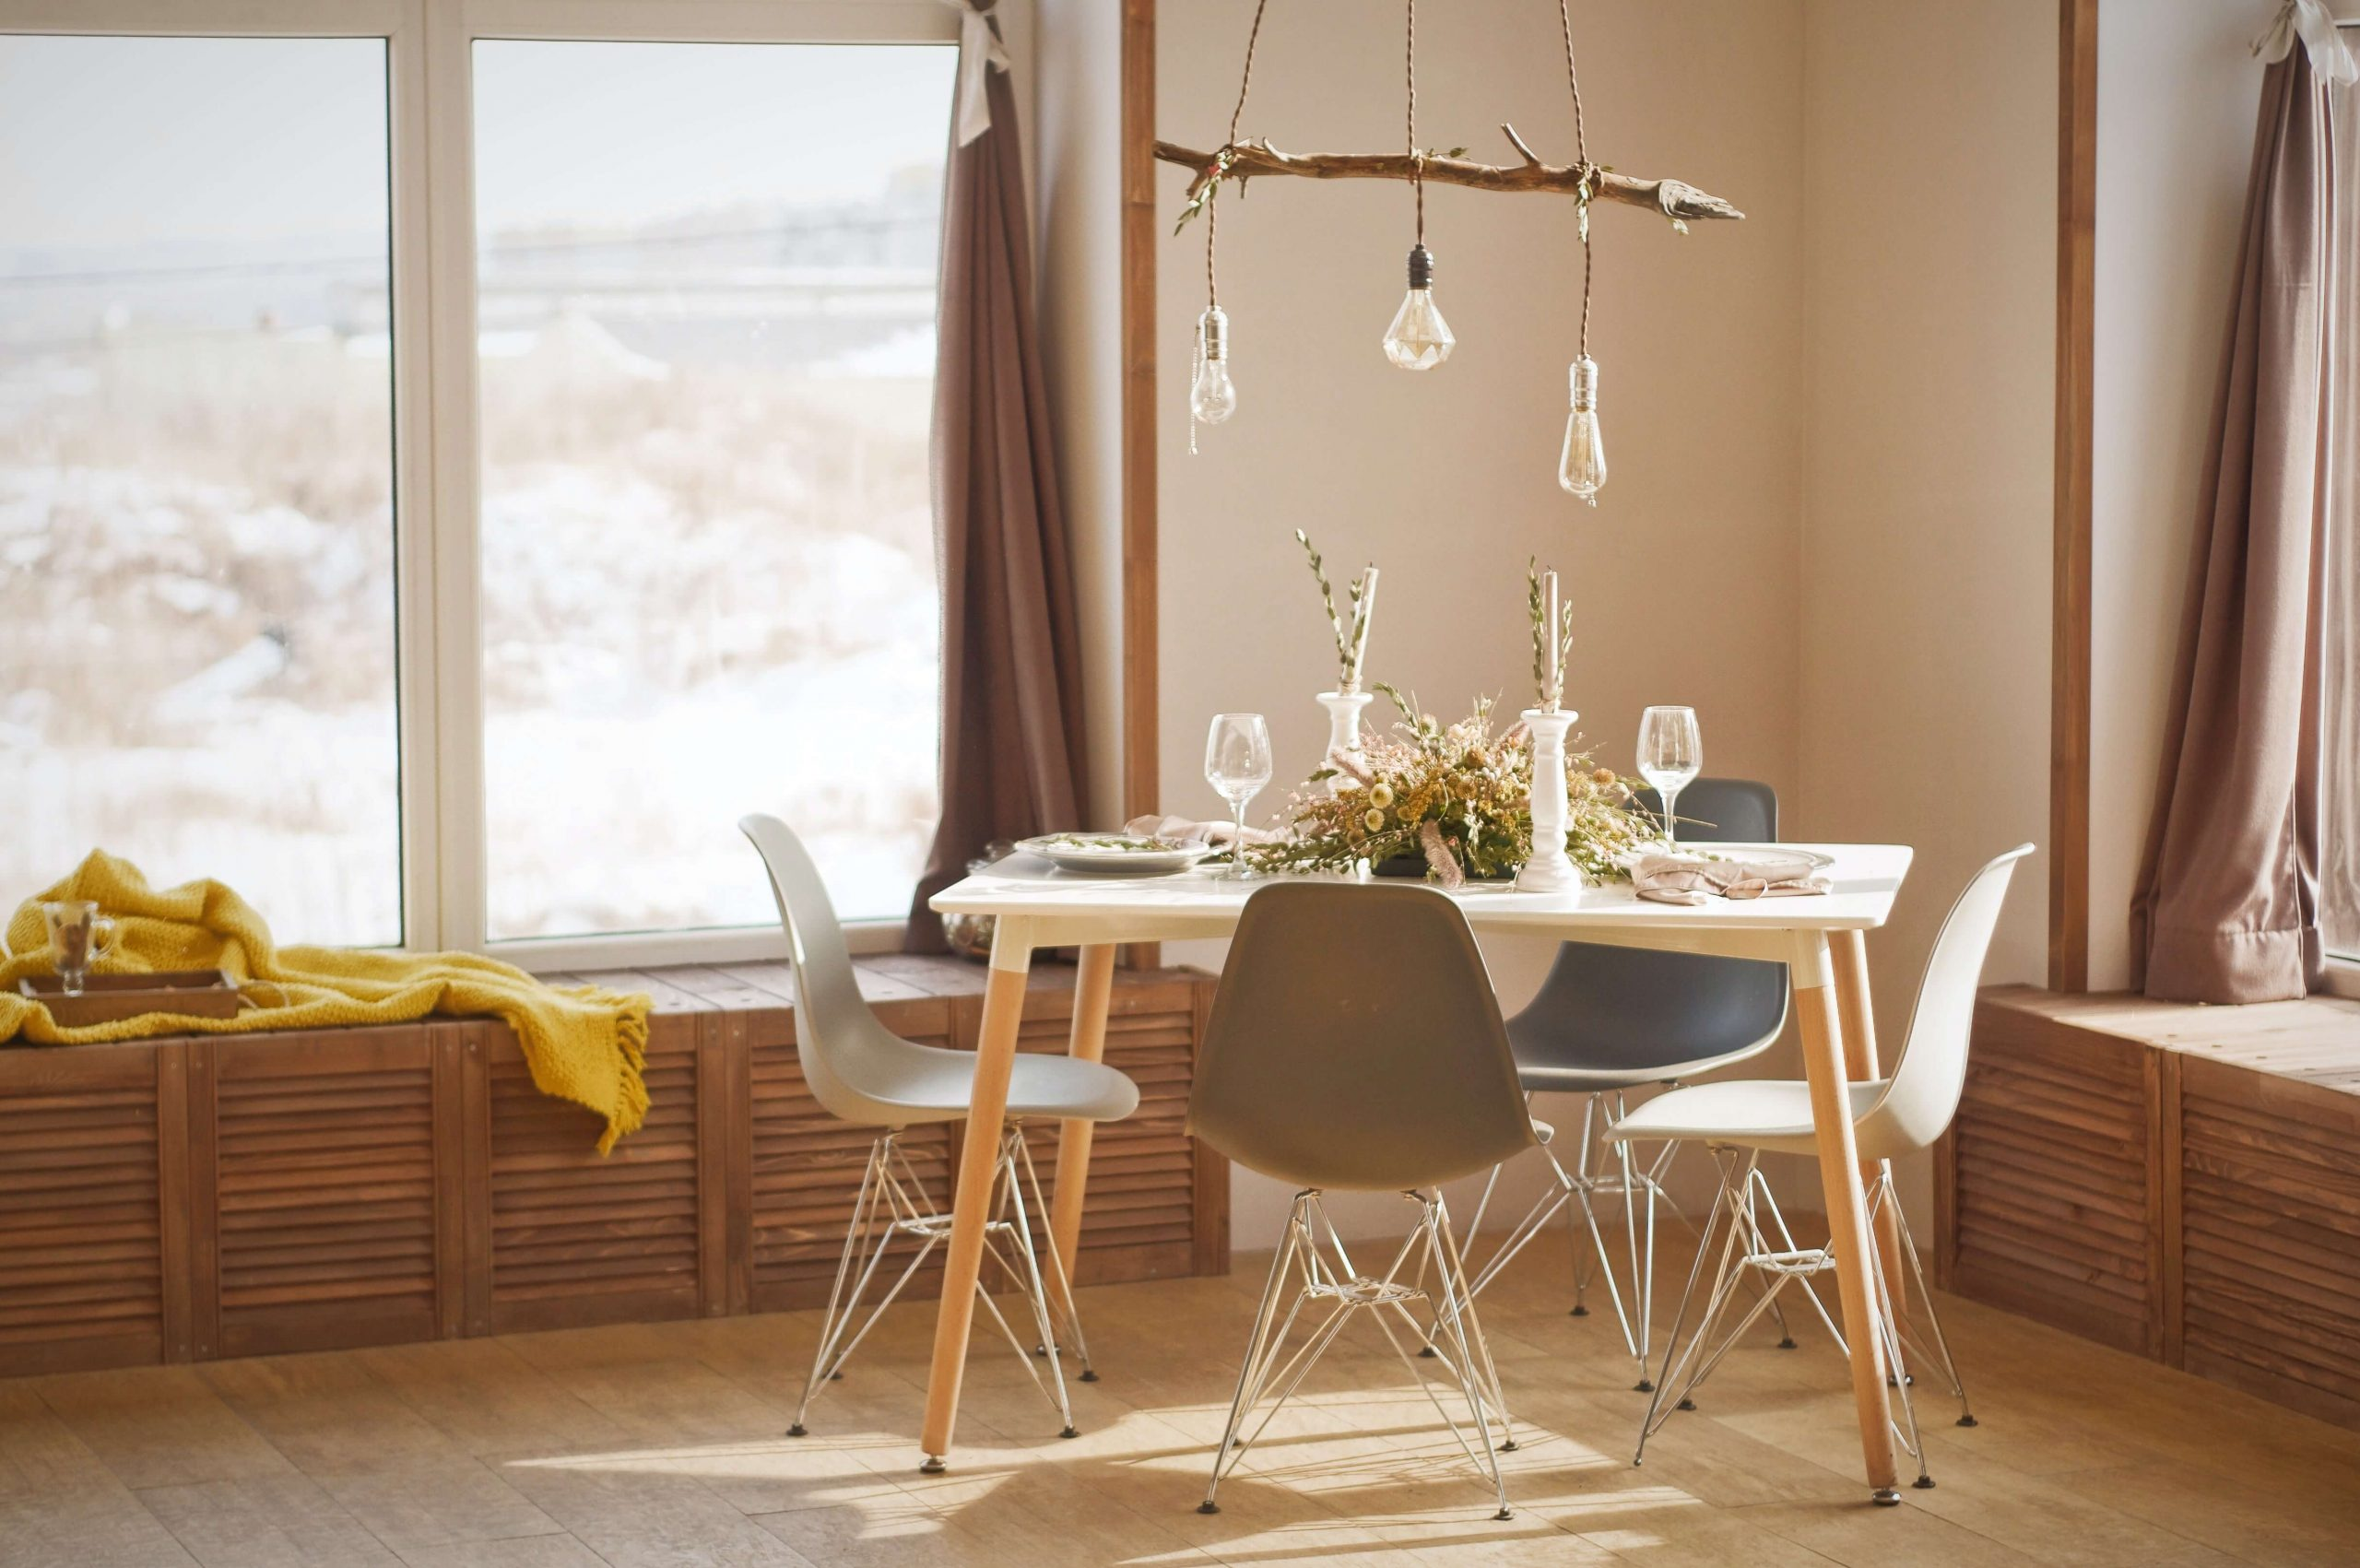 ¿Cómo escoger la iluminación correcta en la decoración de la vivienda?